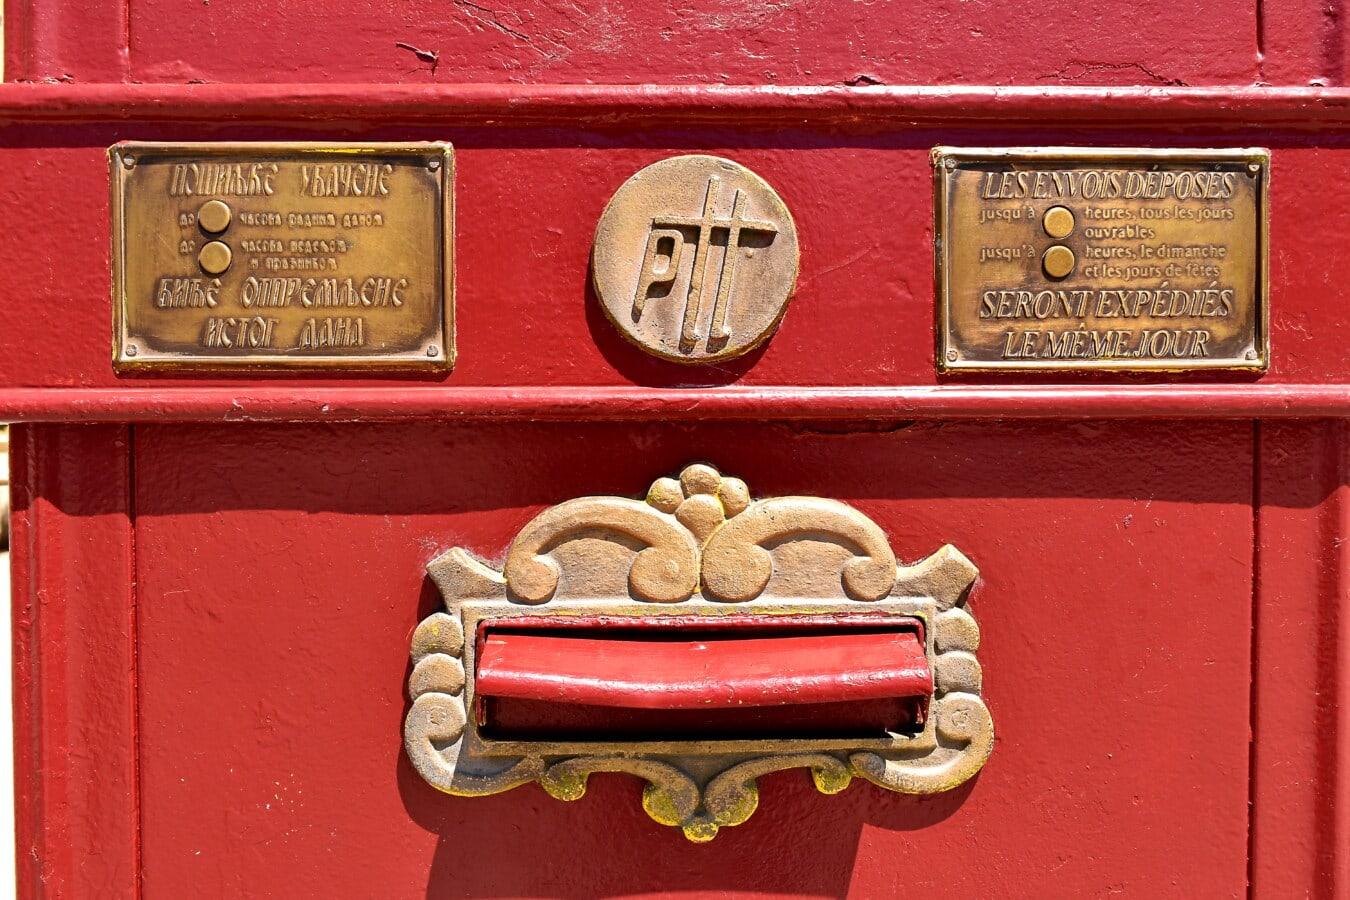 fente de courrier, classique, boîte aux lettres, démodé, peinture, rouge, en laiton, vieux, fer de fonte, rouille